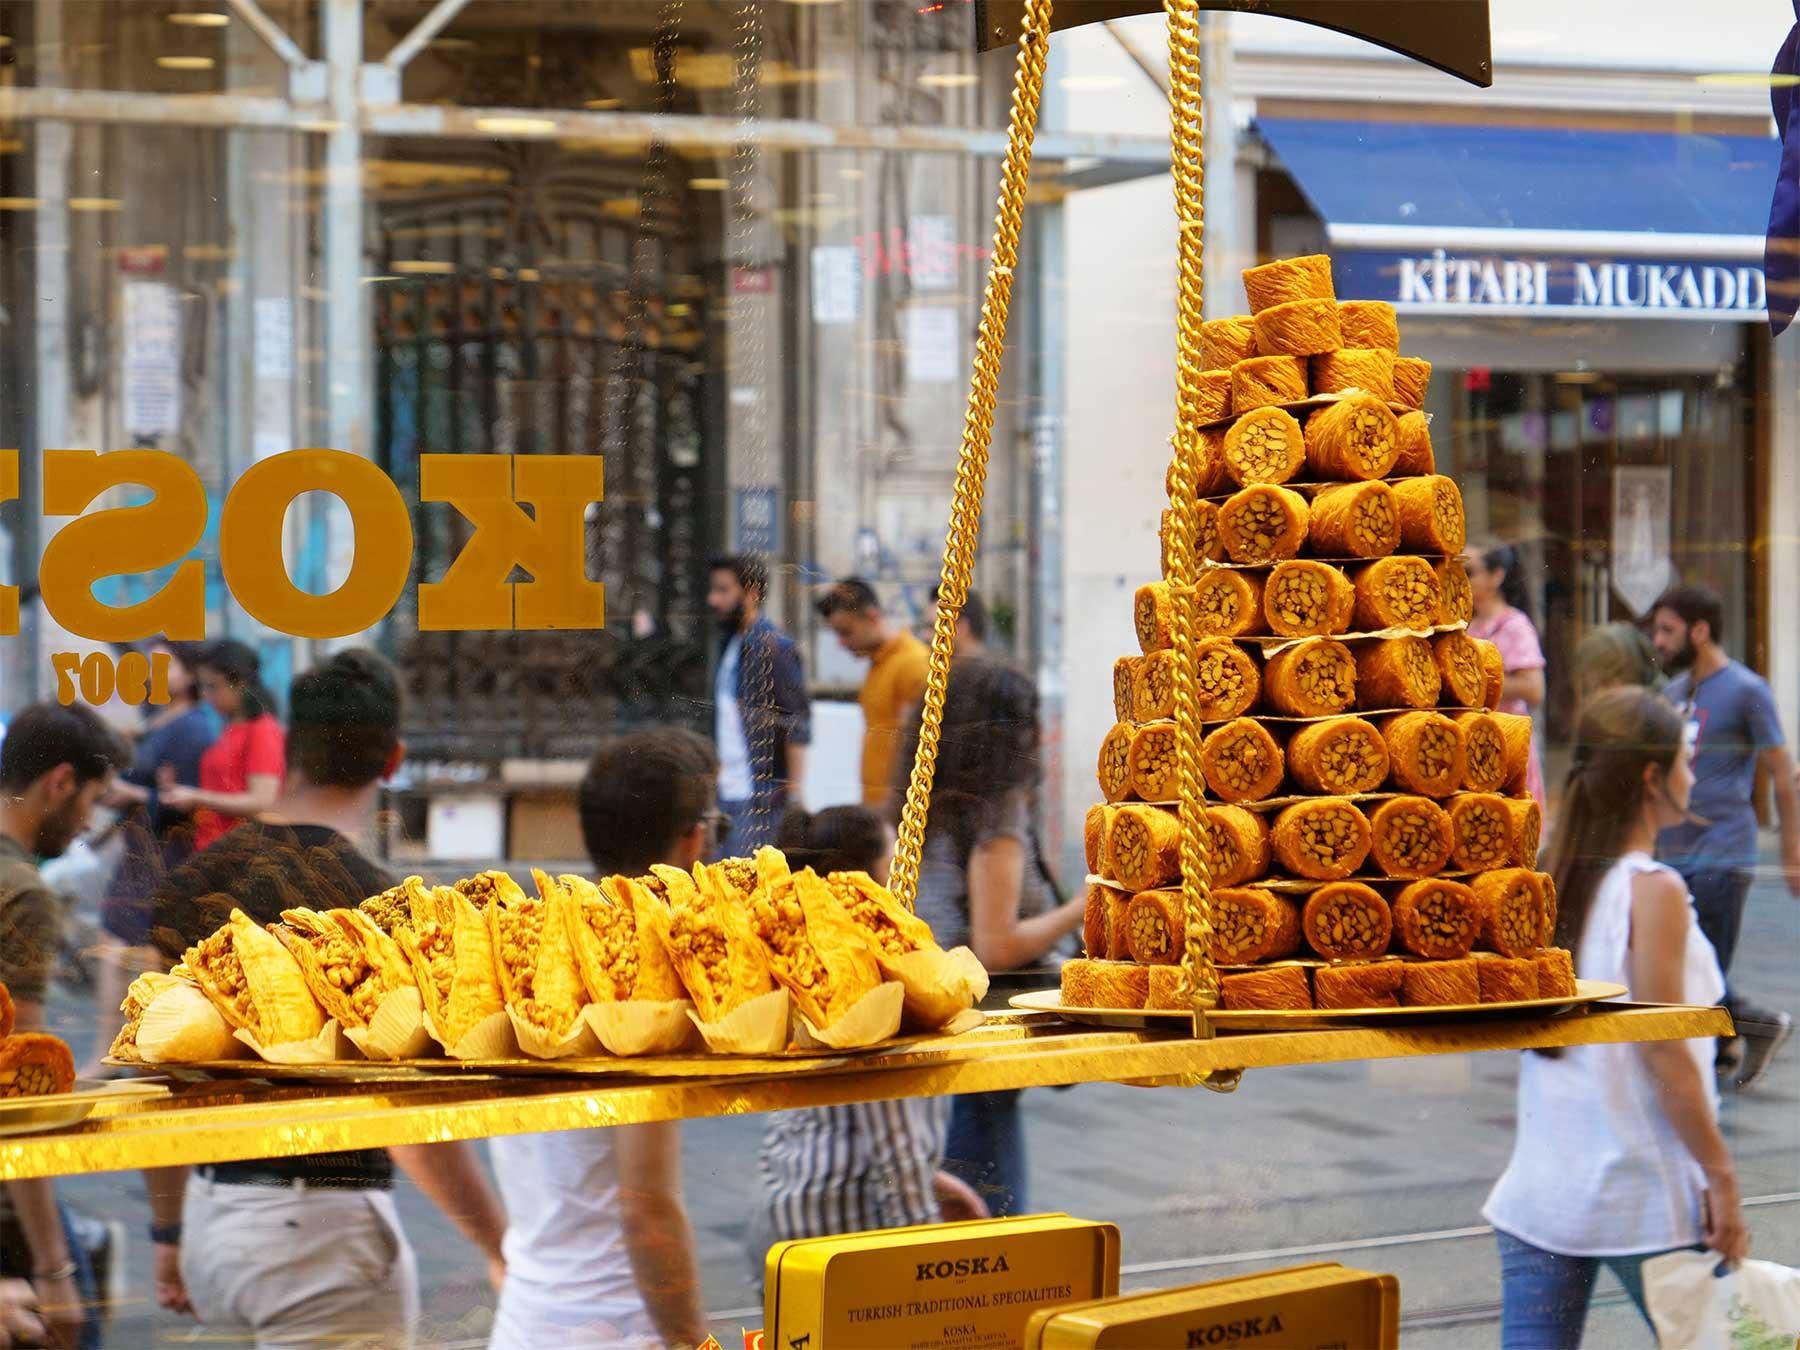 Koska Turkish Sweets | Istiklal Street | Taksim Beyoglu Istanbul Turkey | Steven Andrew Martin